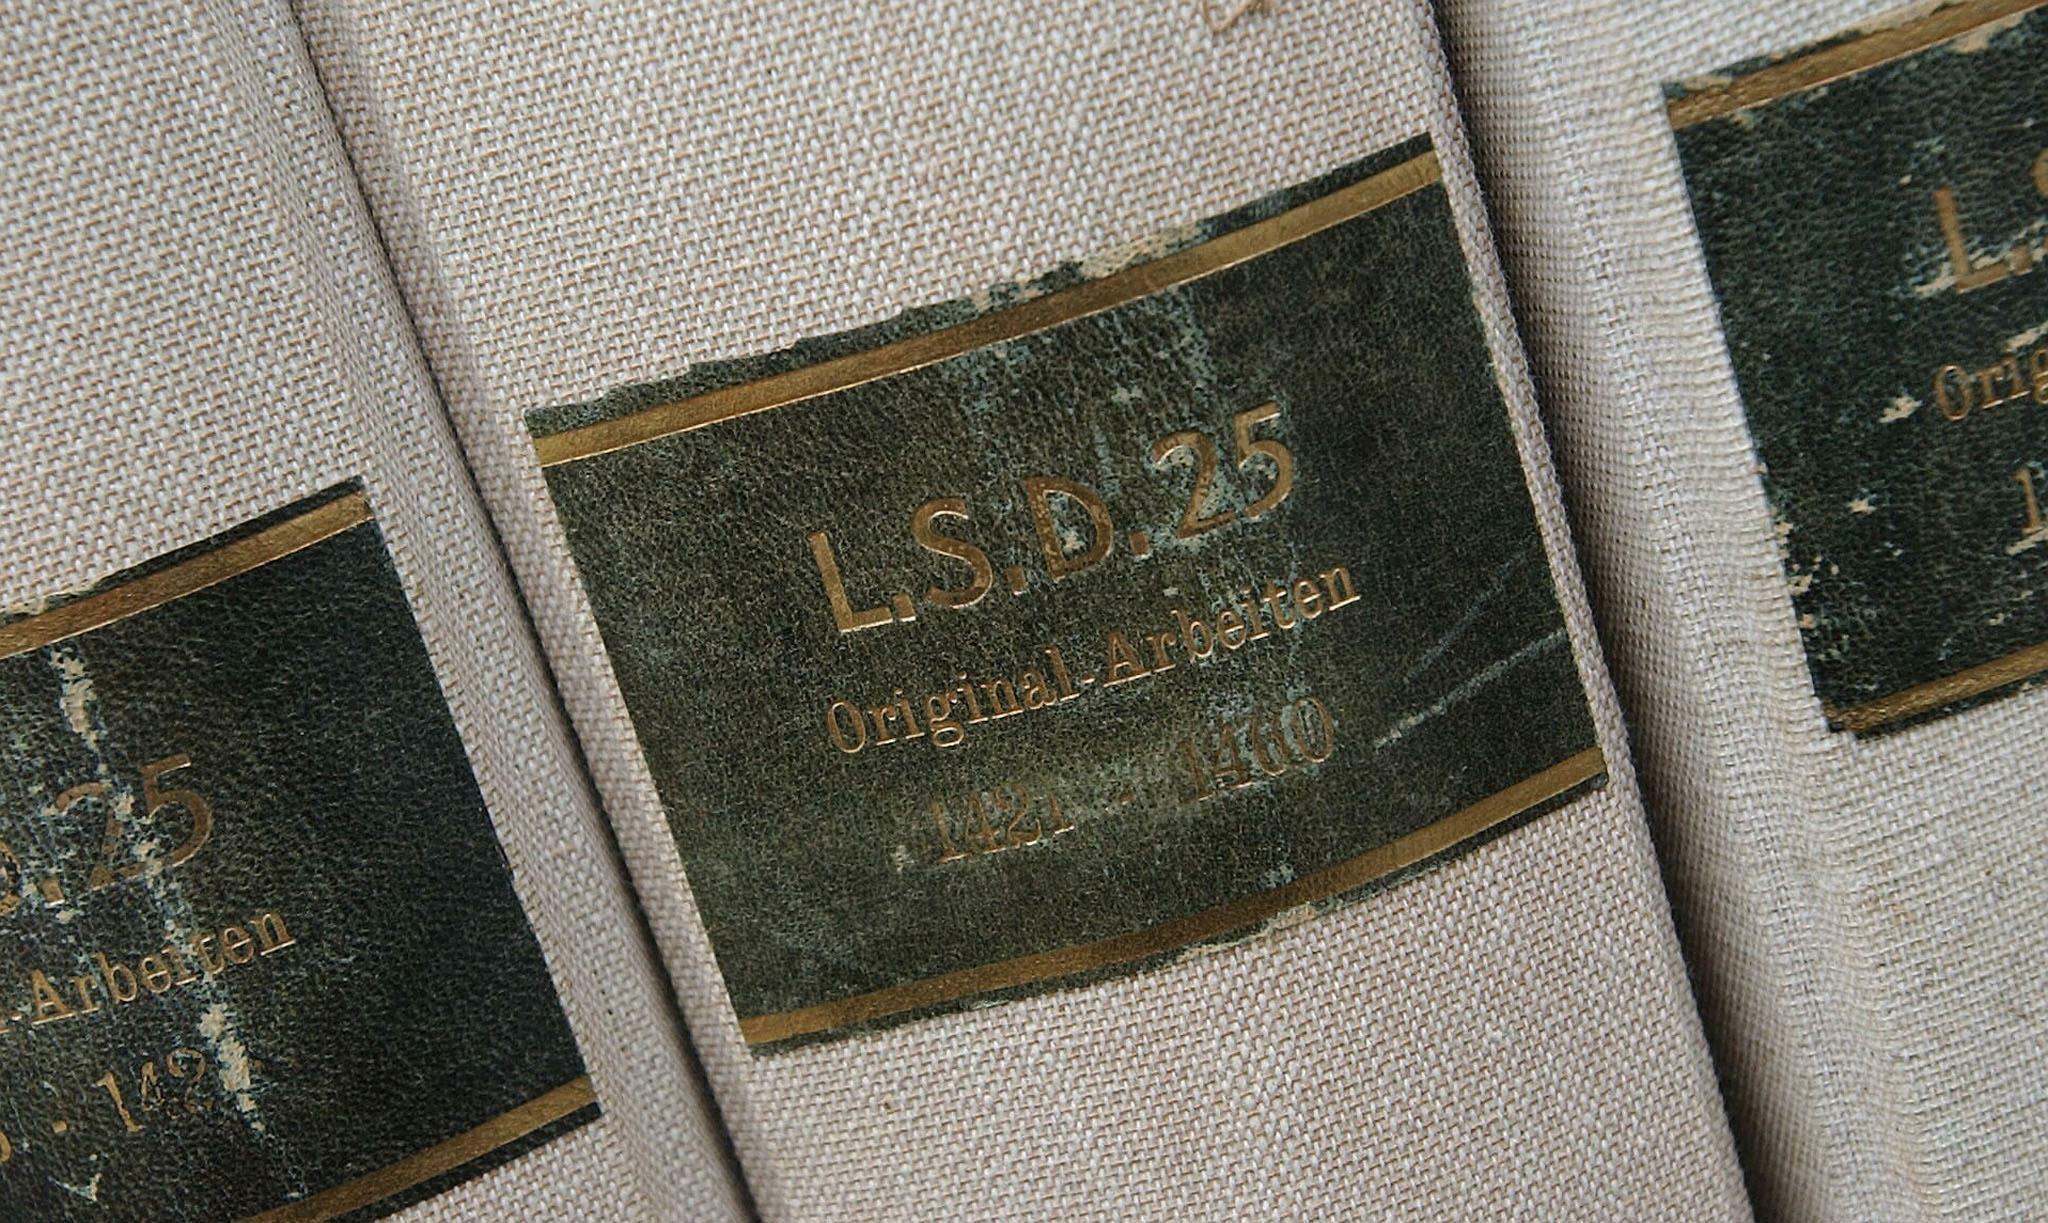 LSD-Ordner aus dem Archiv von Albert Hofmann, Foto: Roger Liggenstorfer